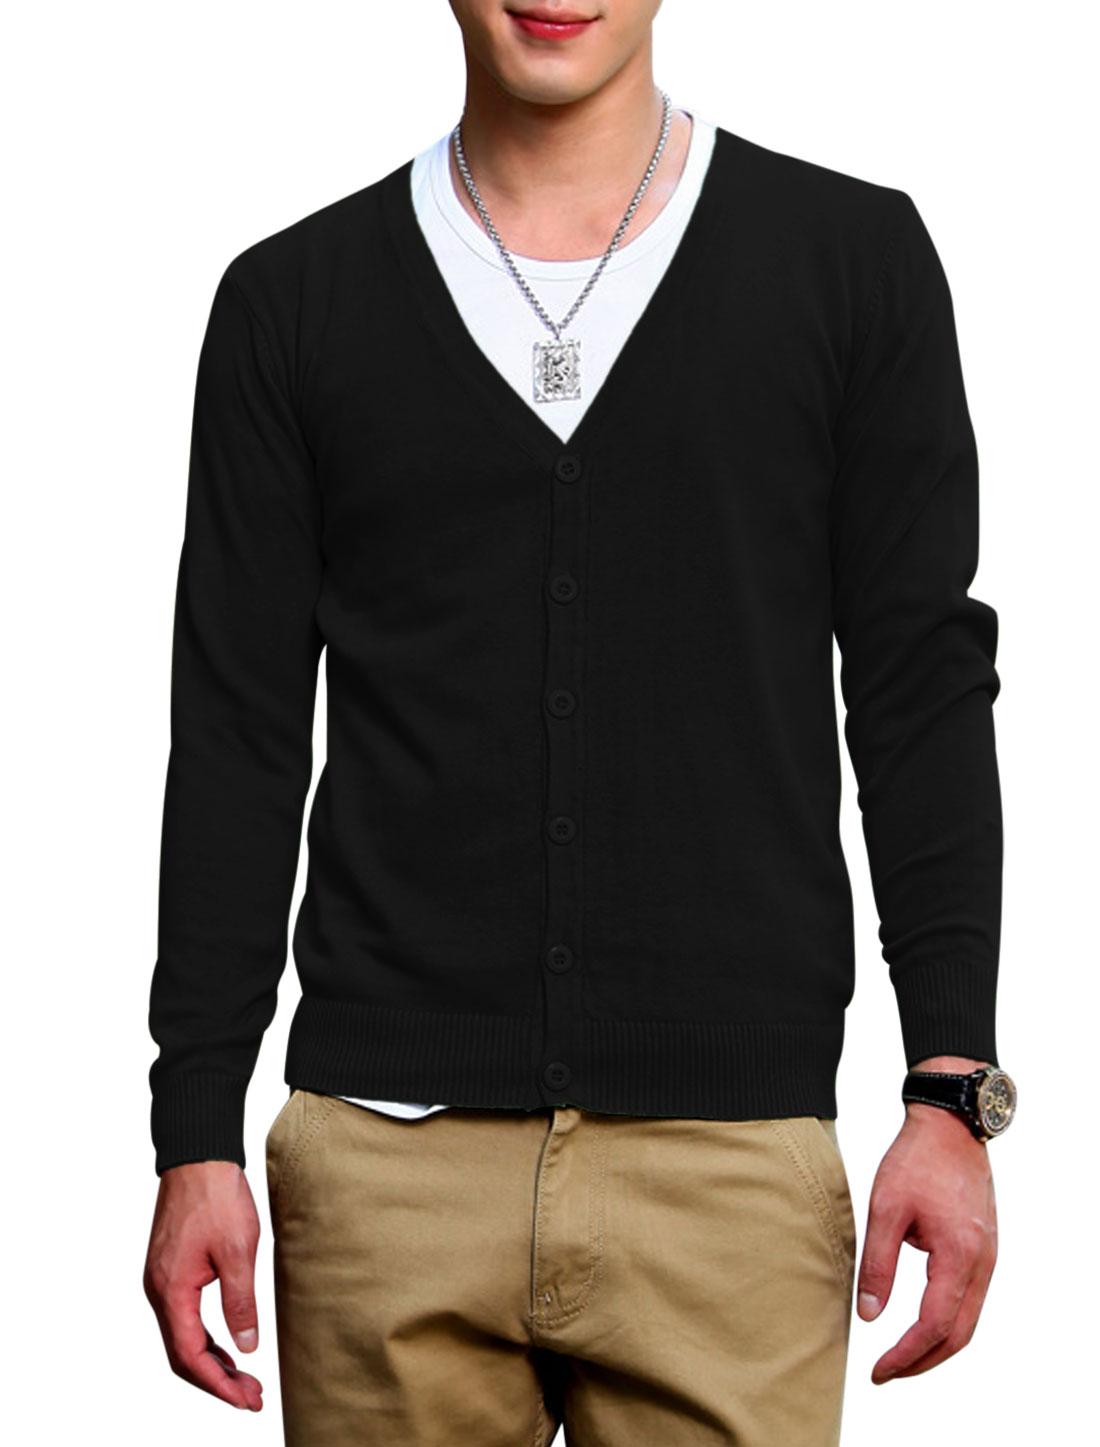 Men Long Sleeves V Neckline Button Closed Knit Cardigan Black S